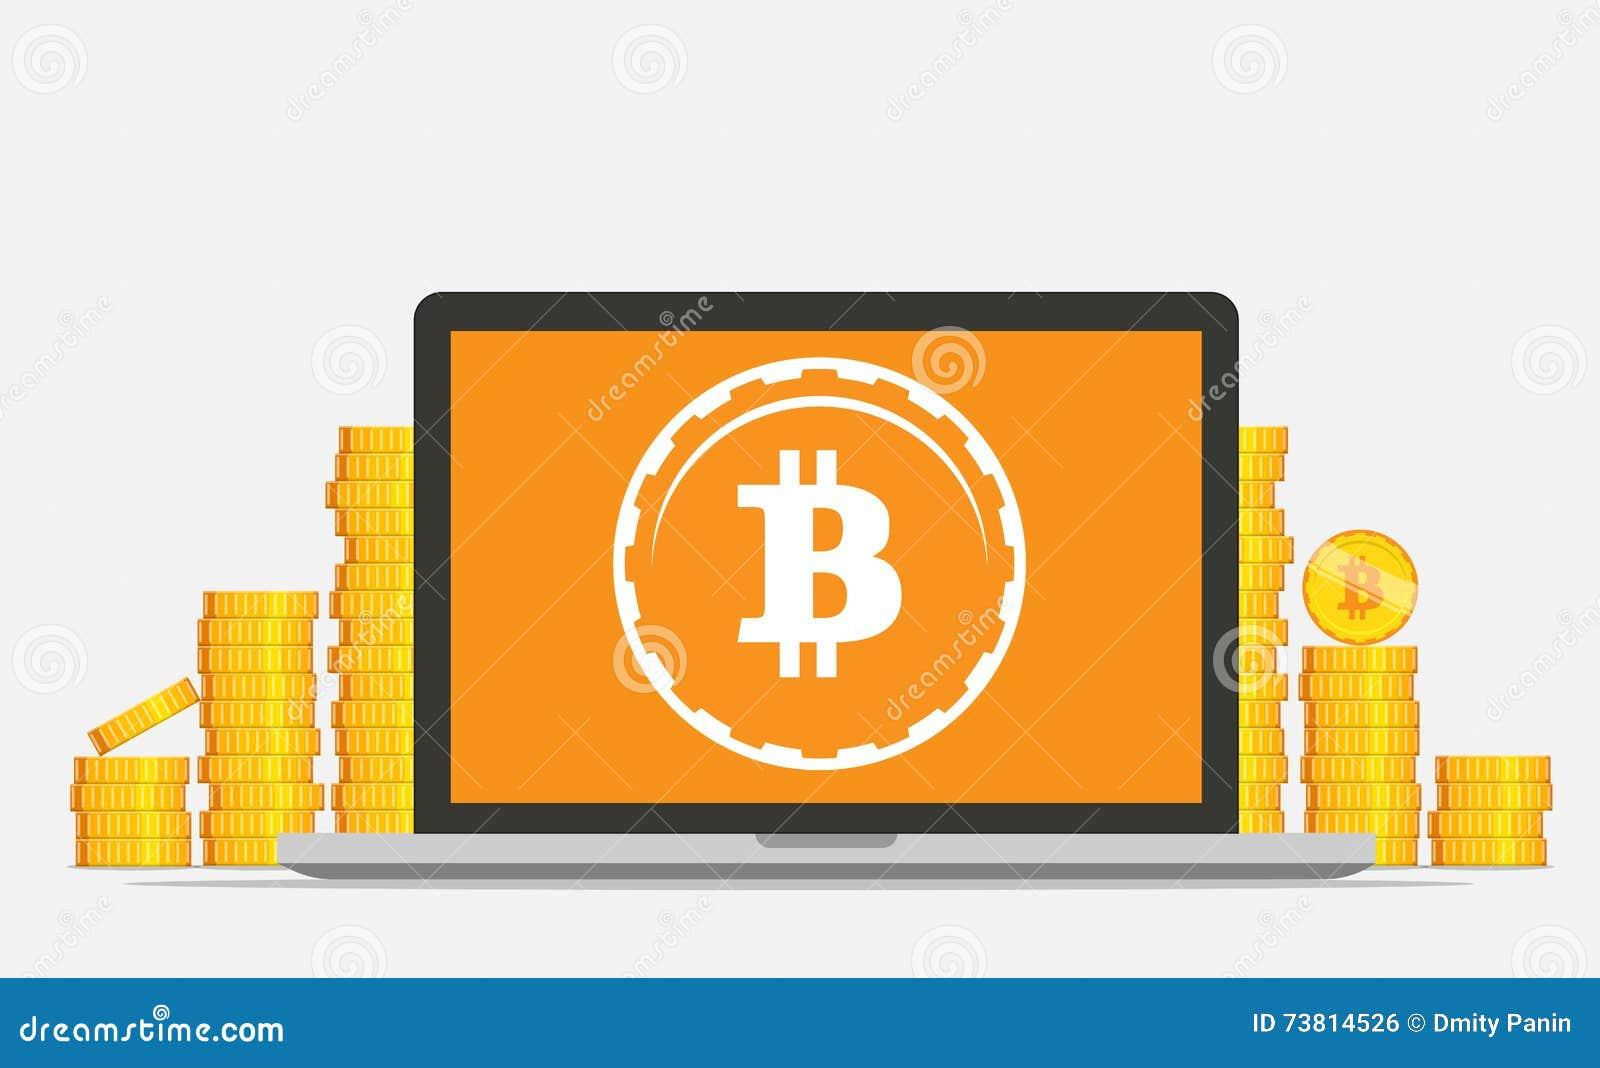 Voise coin mining login : Bus tokens philadelphia 76ers